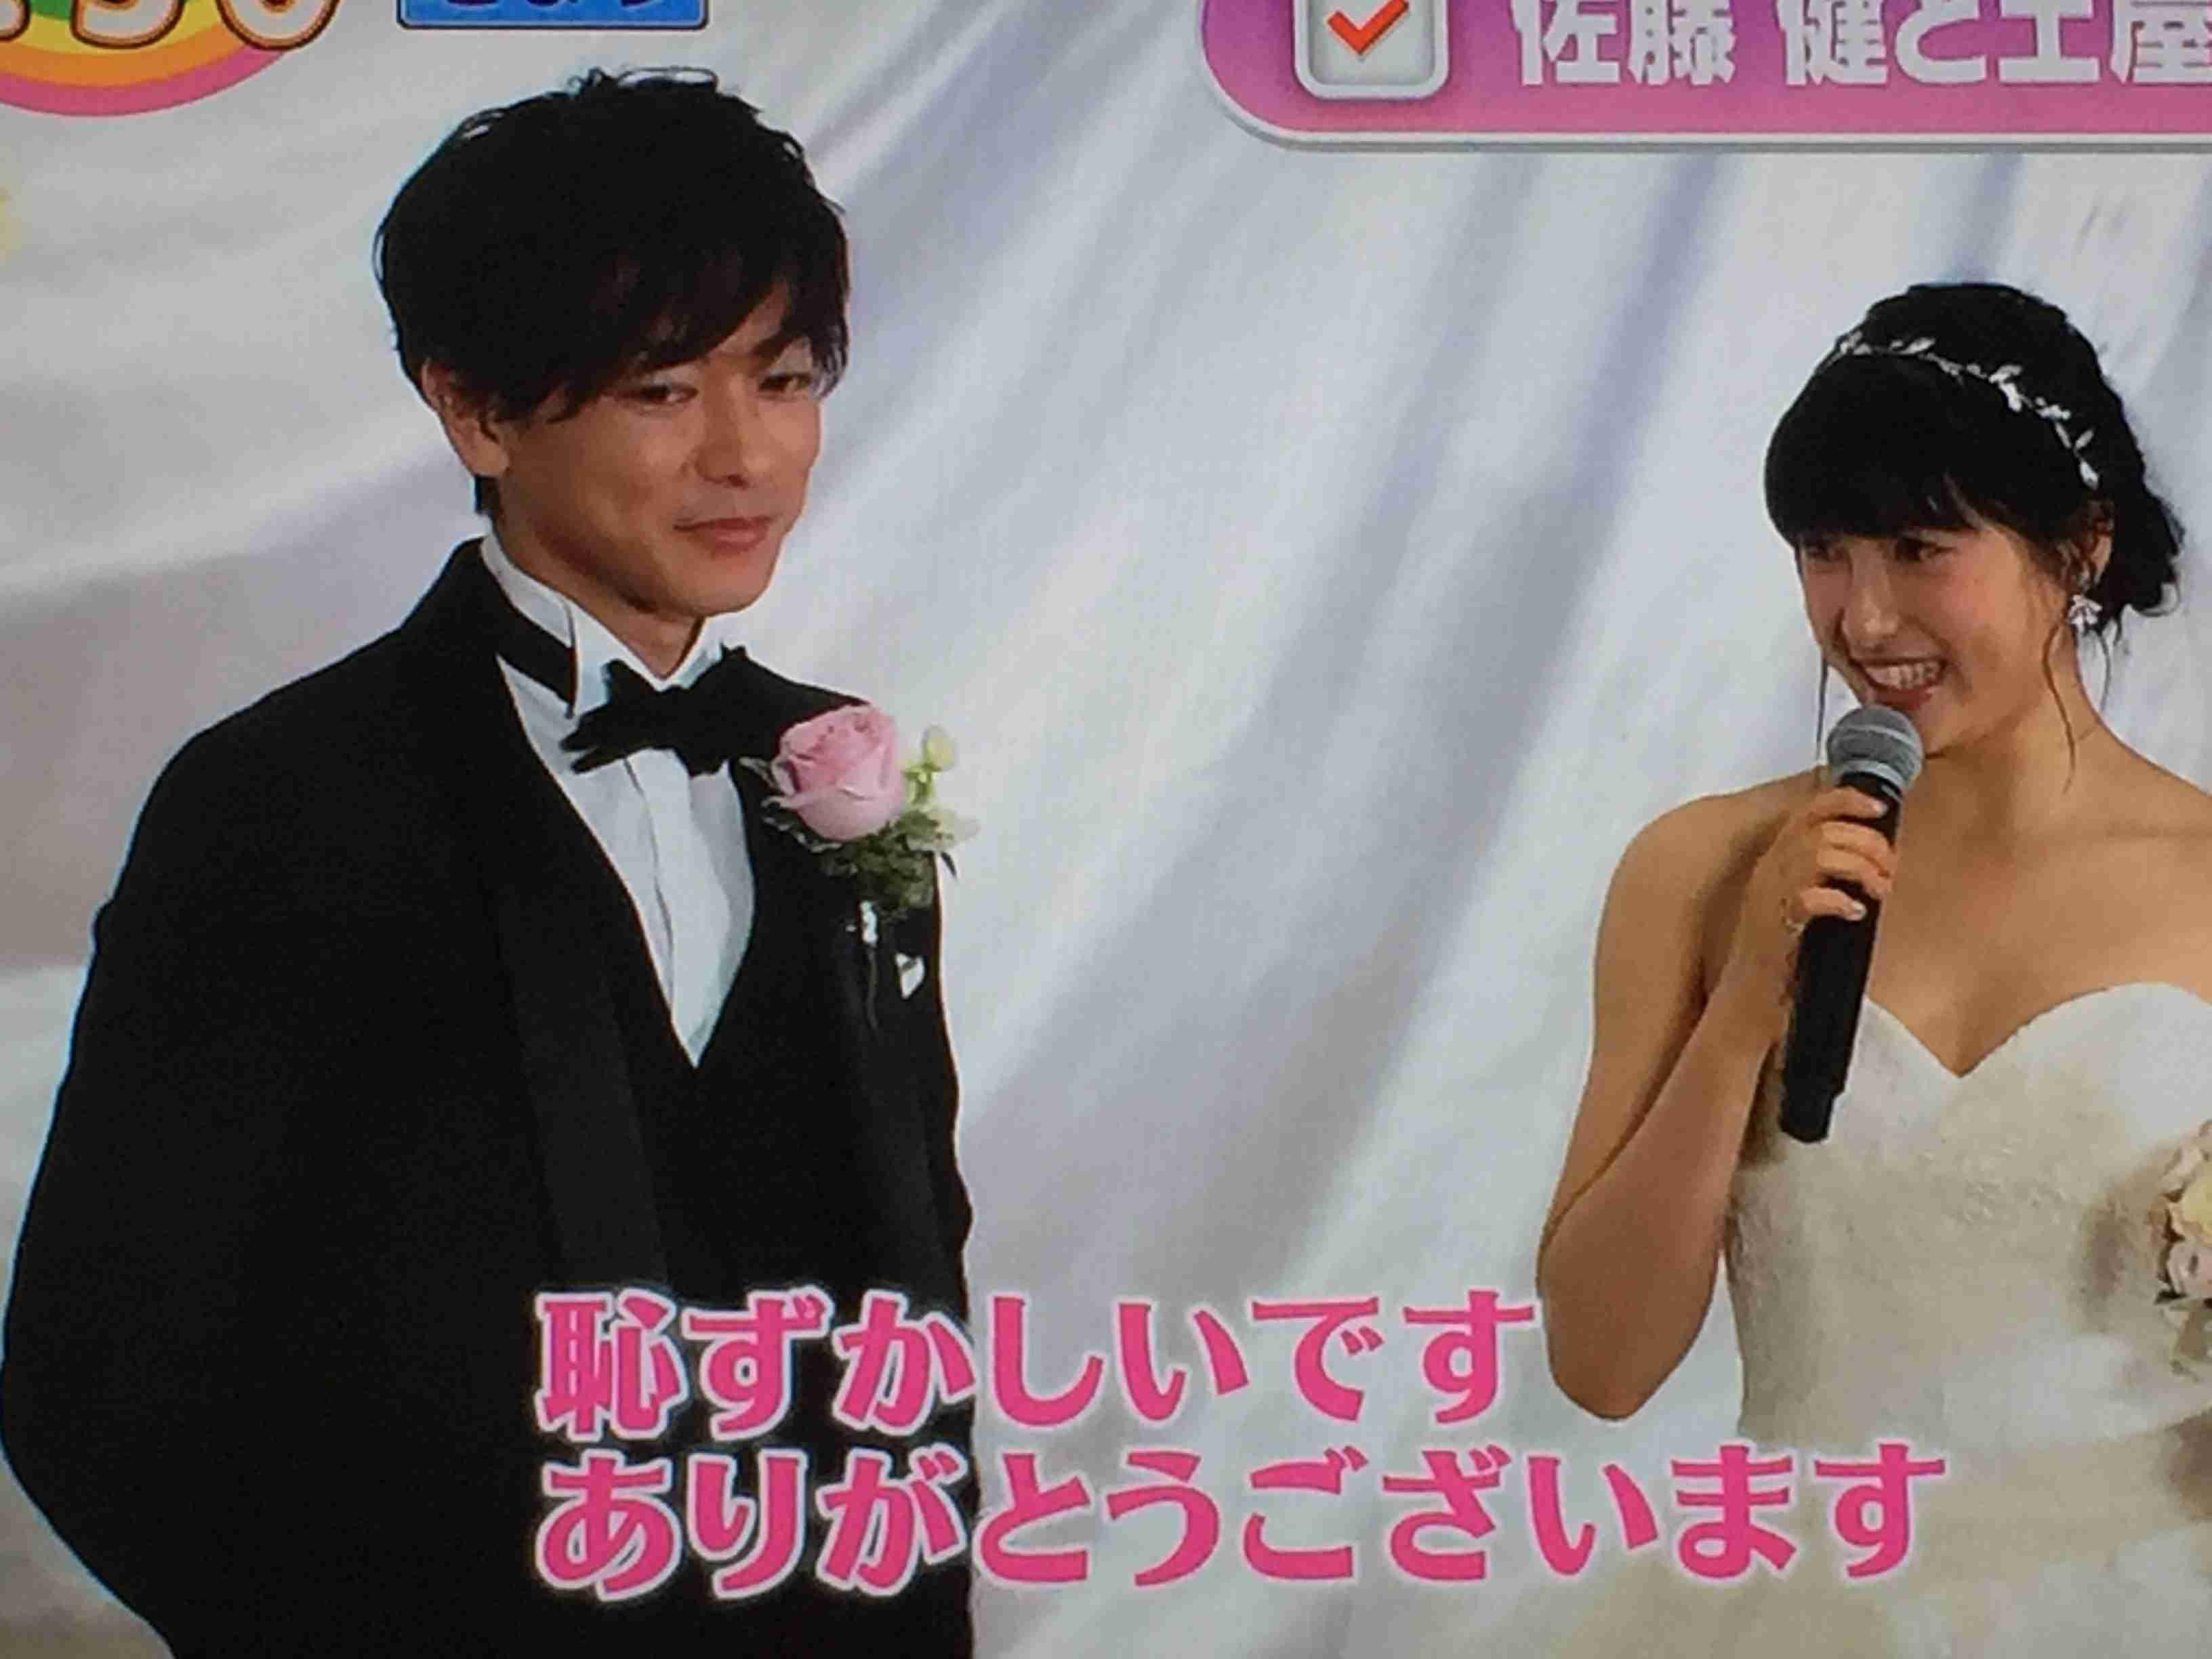 佐藤健、28歳で高校生役に自虐「そろそろ厳しい」